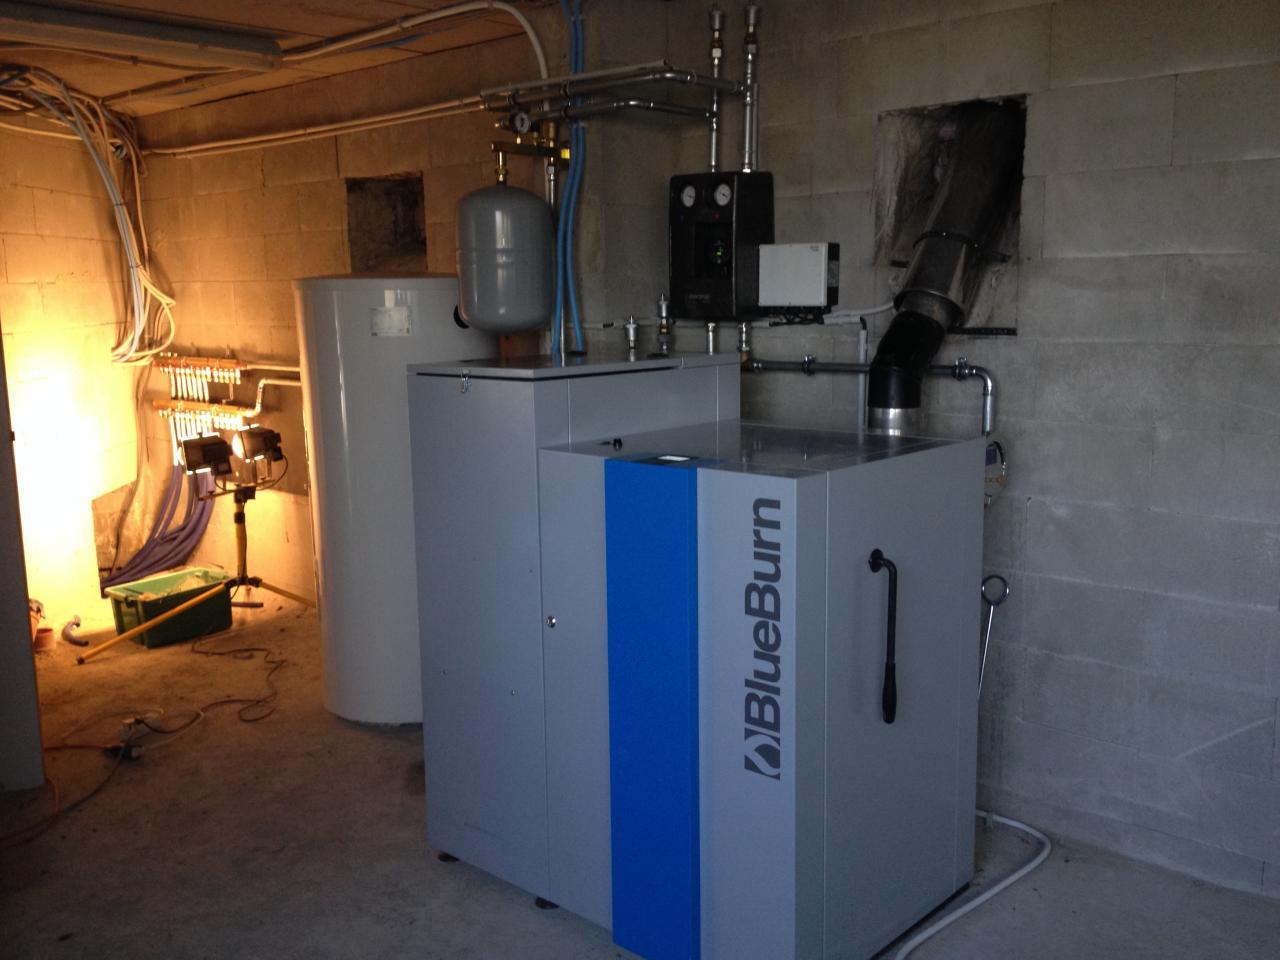 delmelle energies chaudière BlueBurn avec boiler